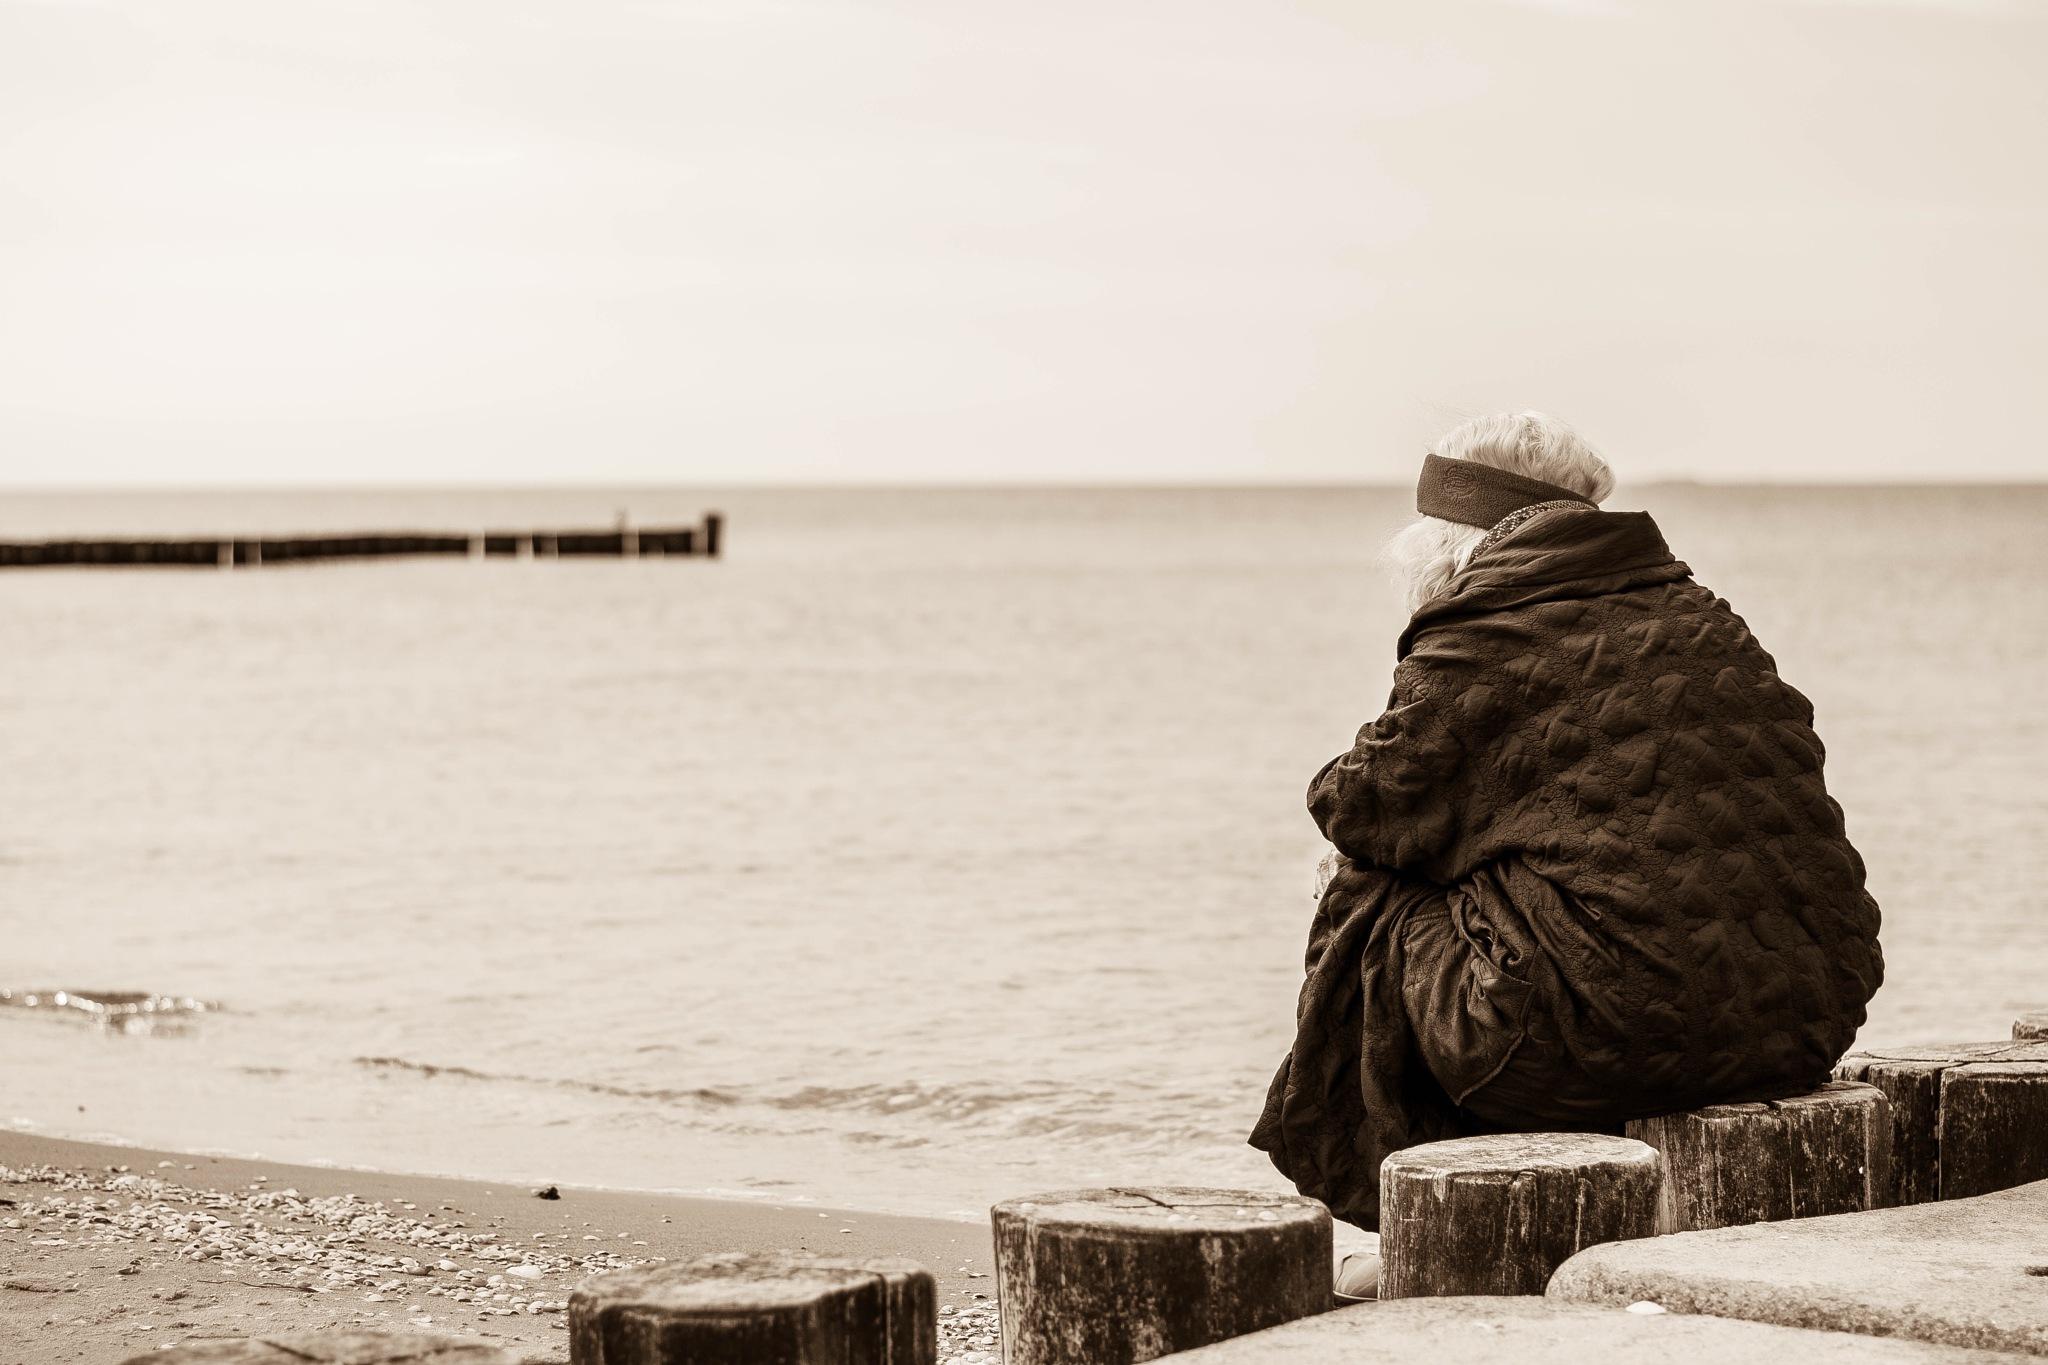 Alte Frau und das Meer by Jane79